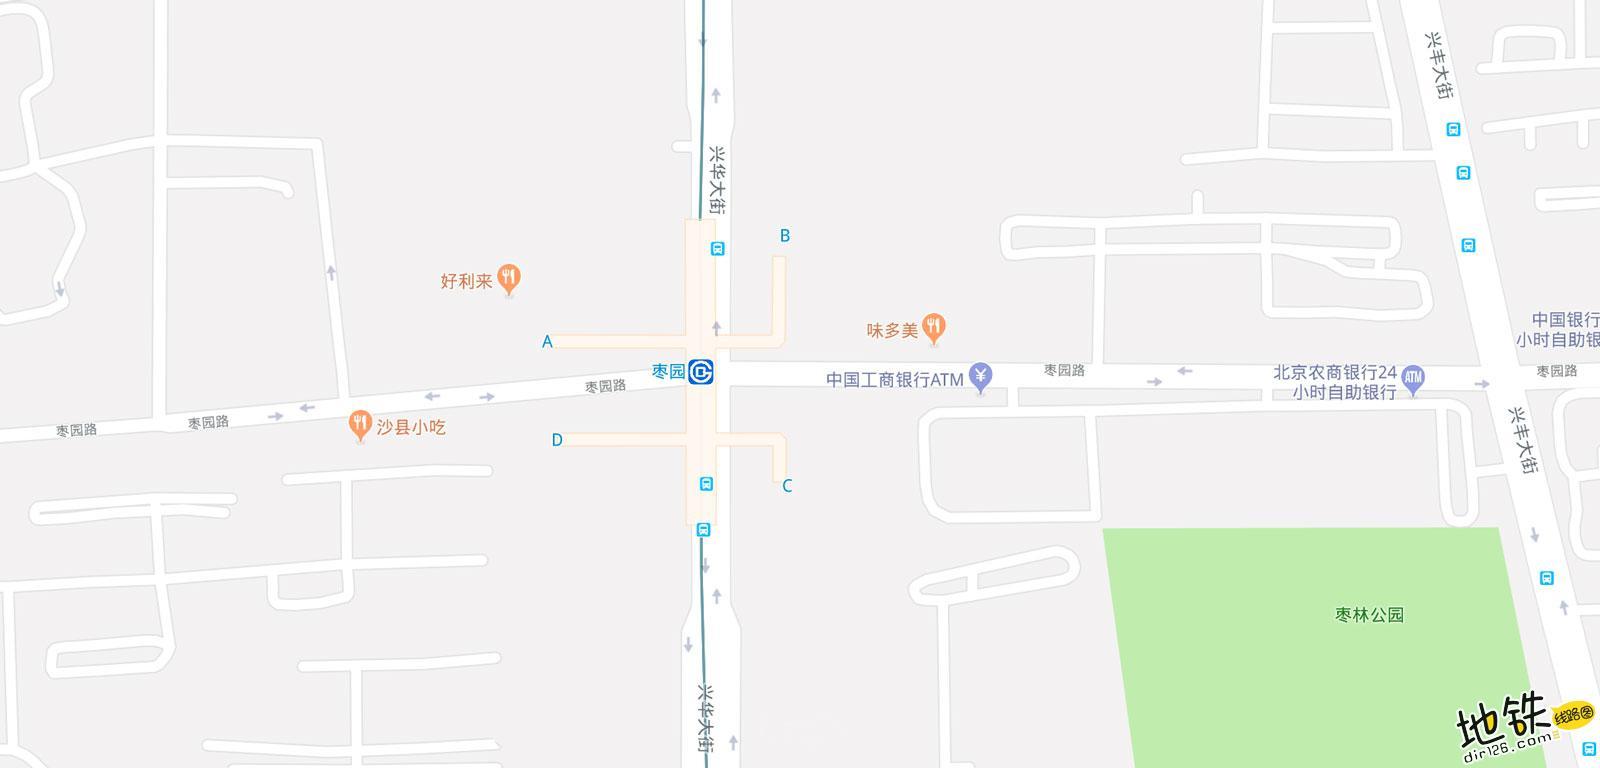 枣园地铁站 北京地铁枣园站出入口 地图信息查询  北京地铁站  第2张